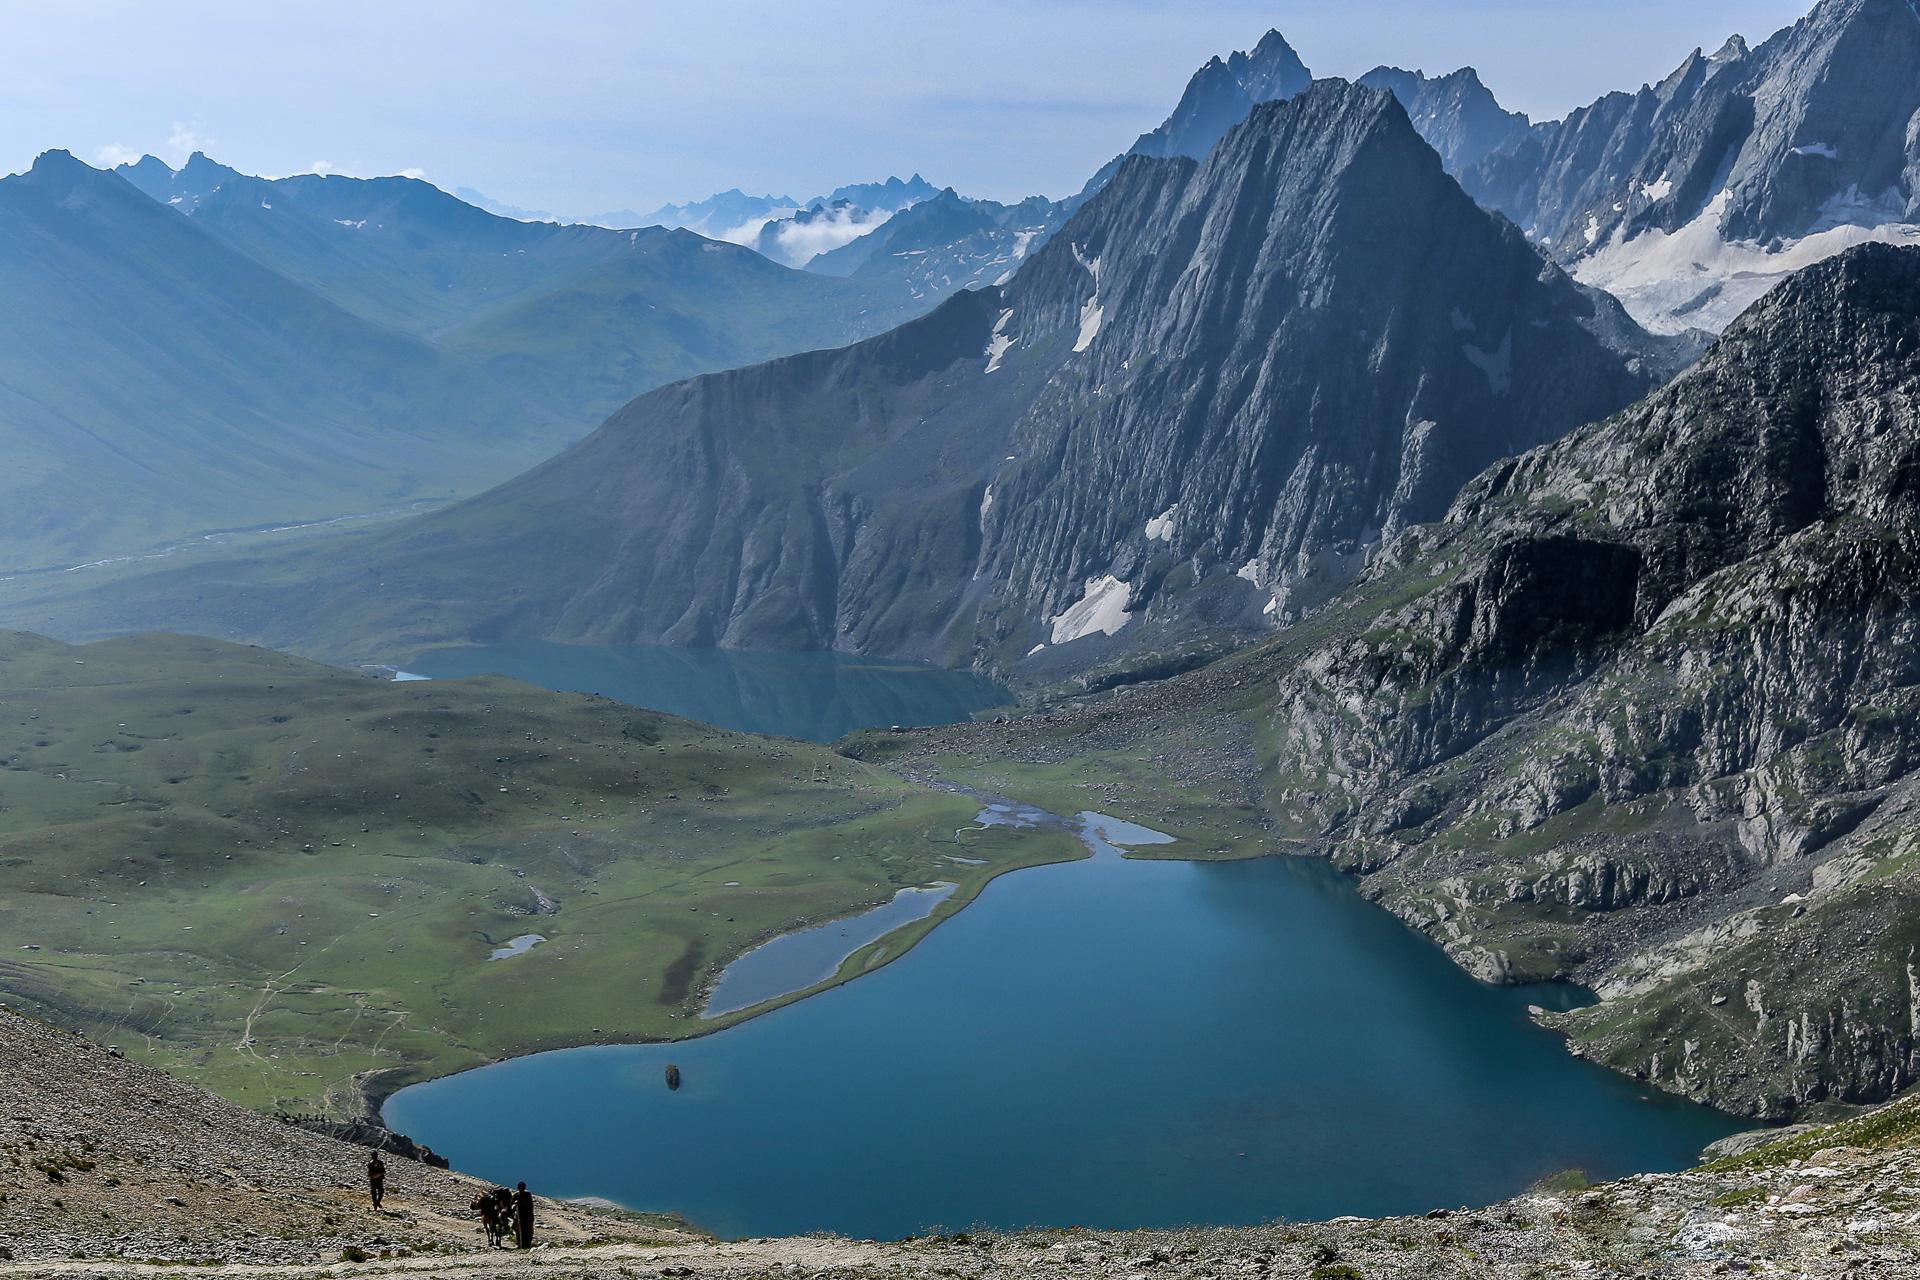 Kishansar-and-Vishansar-lake from the Great Lakes of Kashmir Trek